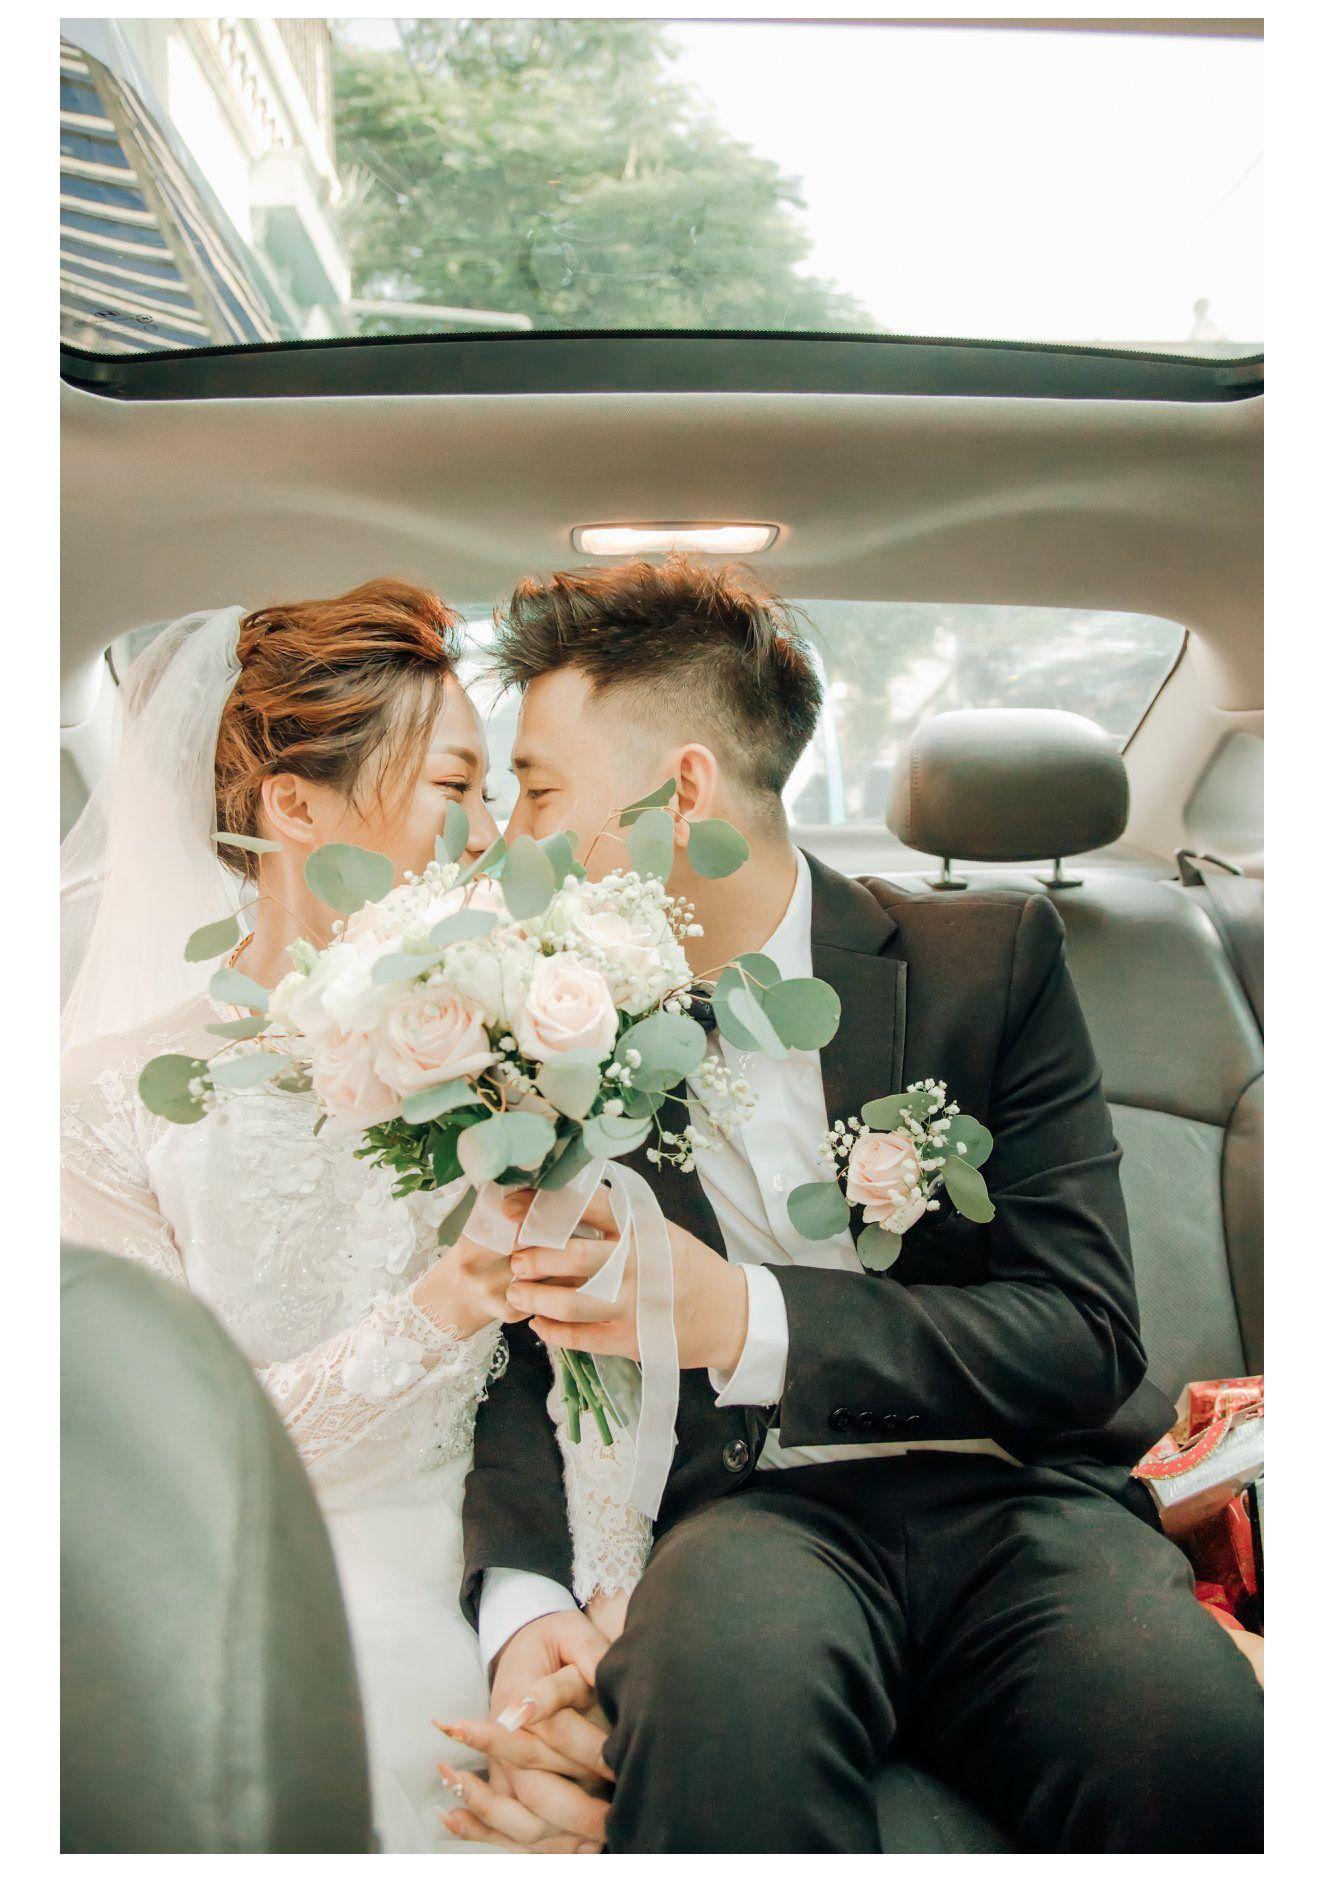 Những lưu ý khi chụp ảnh phóng sự cưới